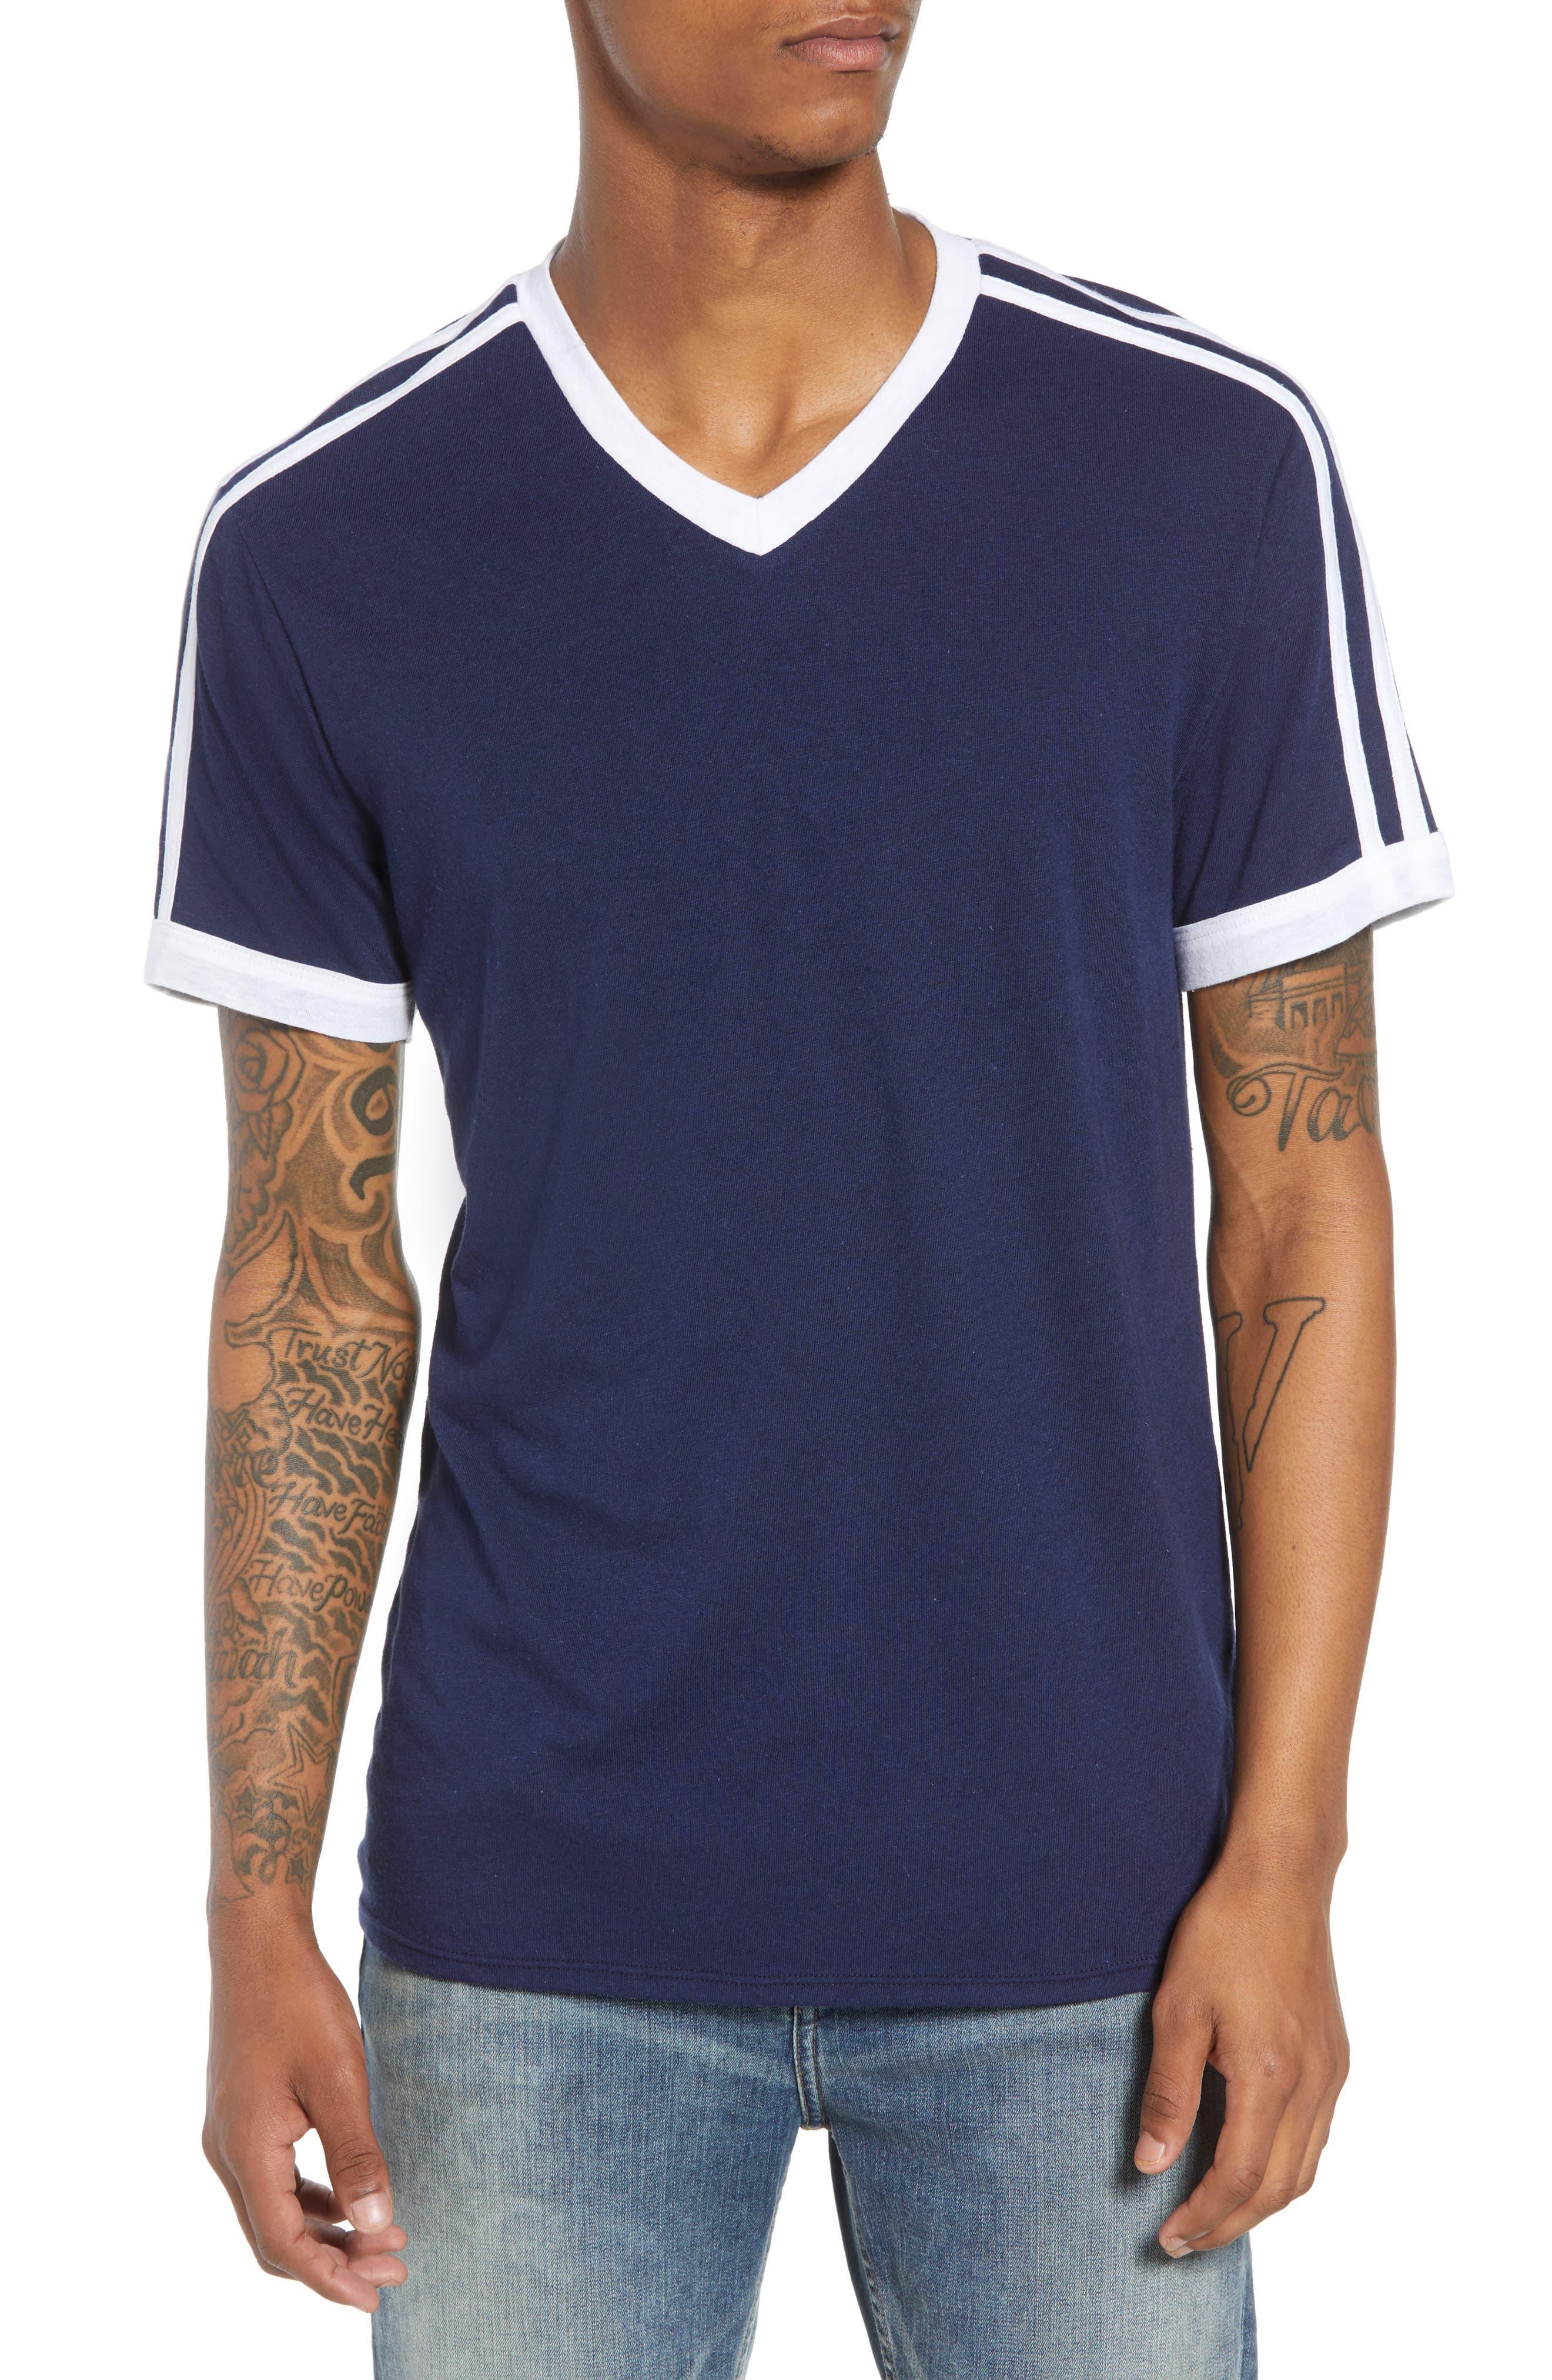 Vintage Athletic V-Neck T-Shirt,                         Main,                         color, 410